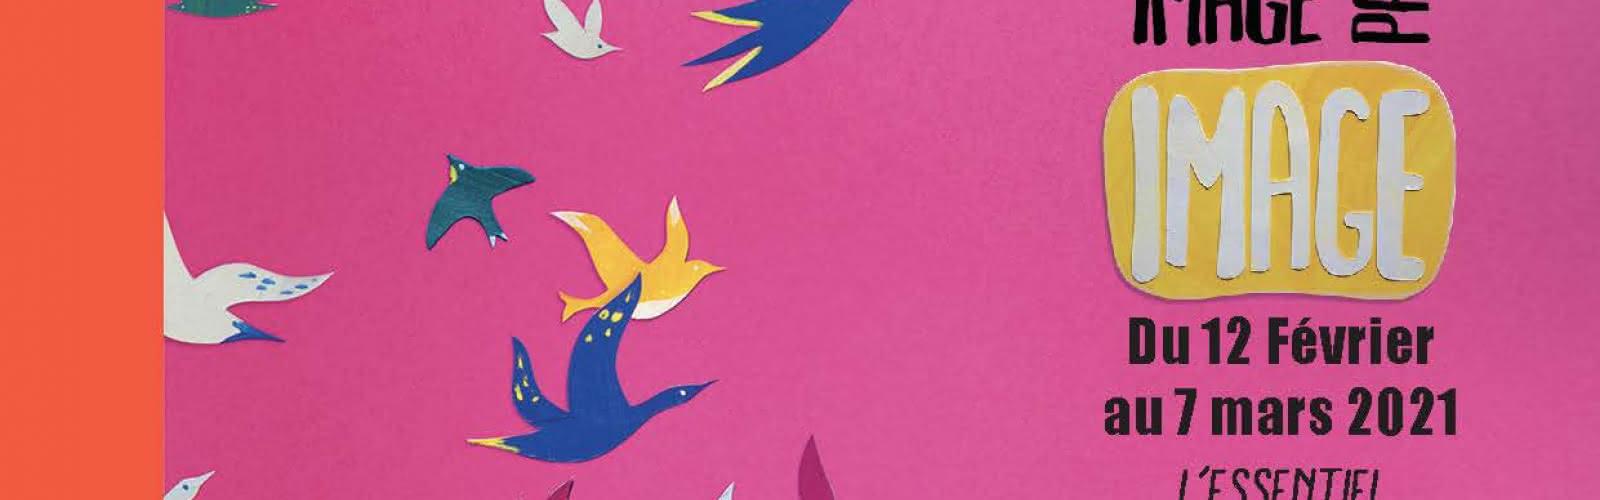 Affiche du Festival Image par Image 2021